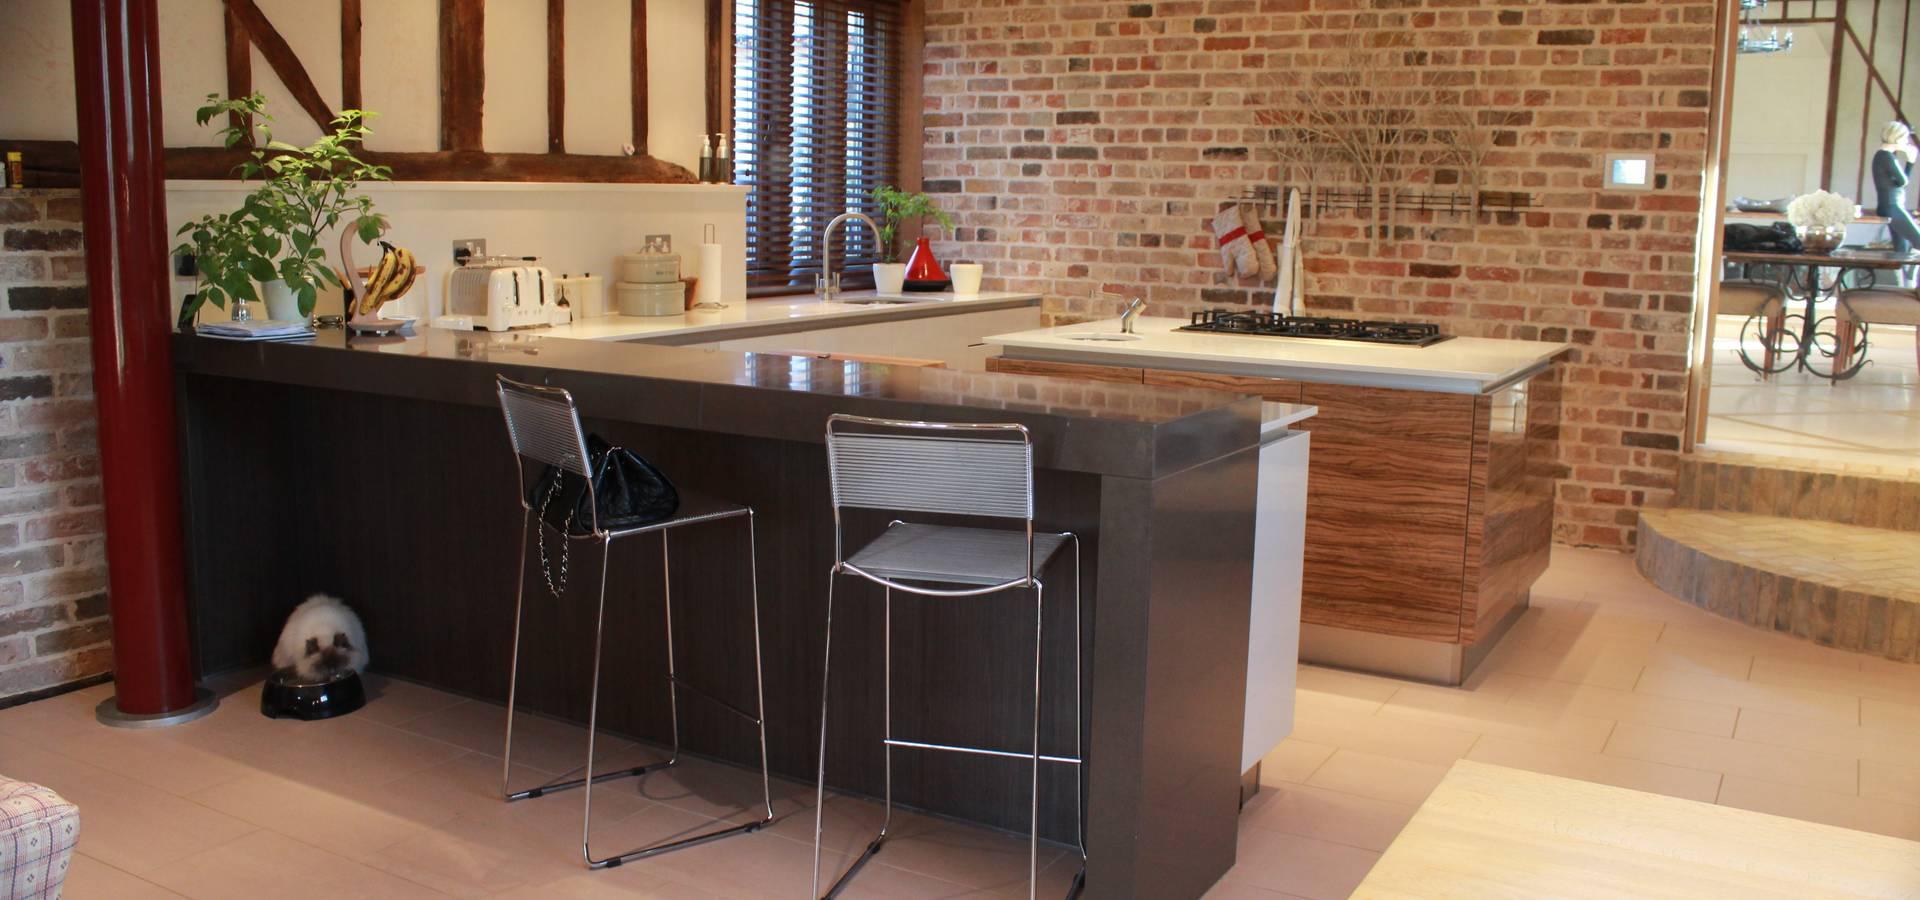 Studio3kitchens dise adores de cocinas en hertford homify - Disenadores de cocinas ...